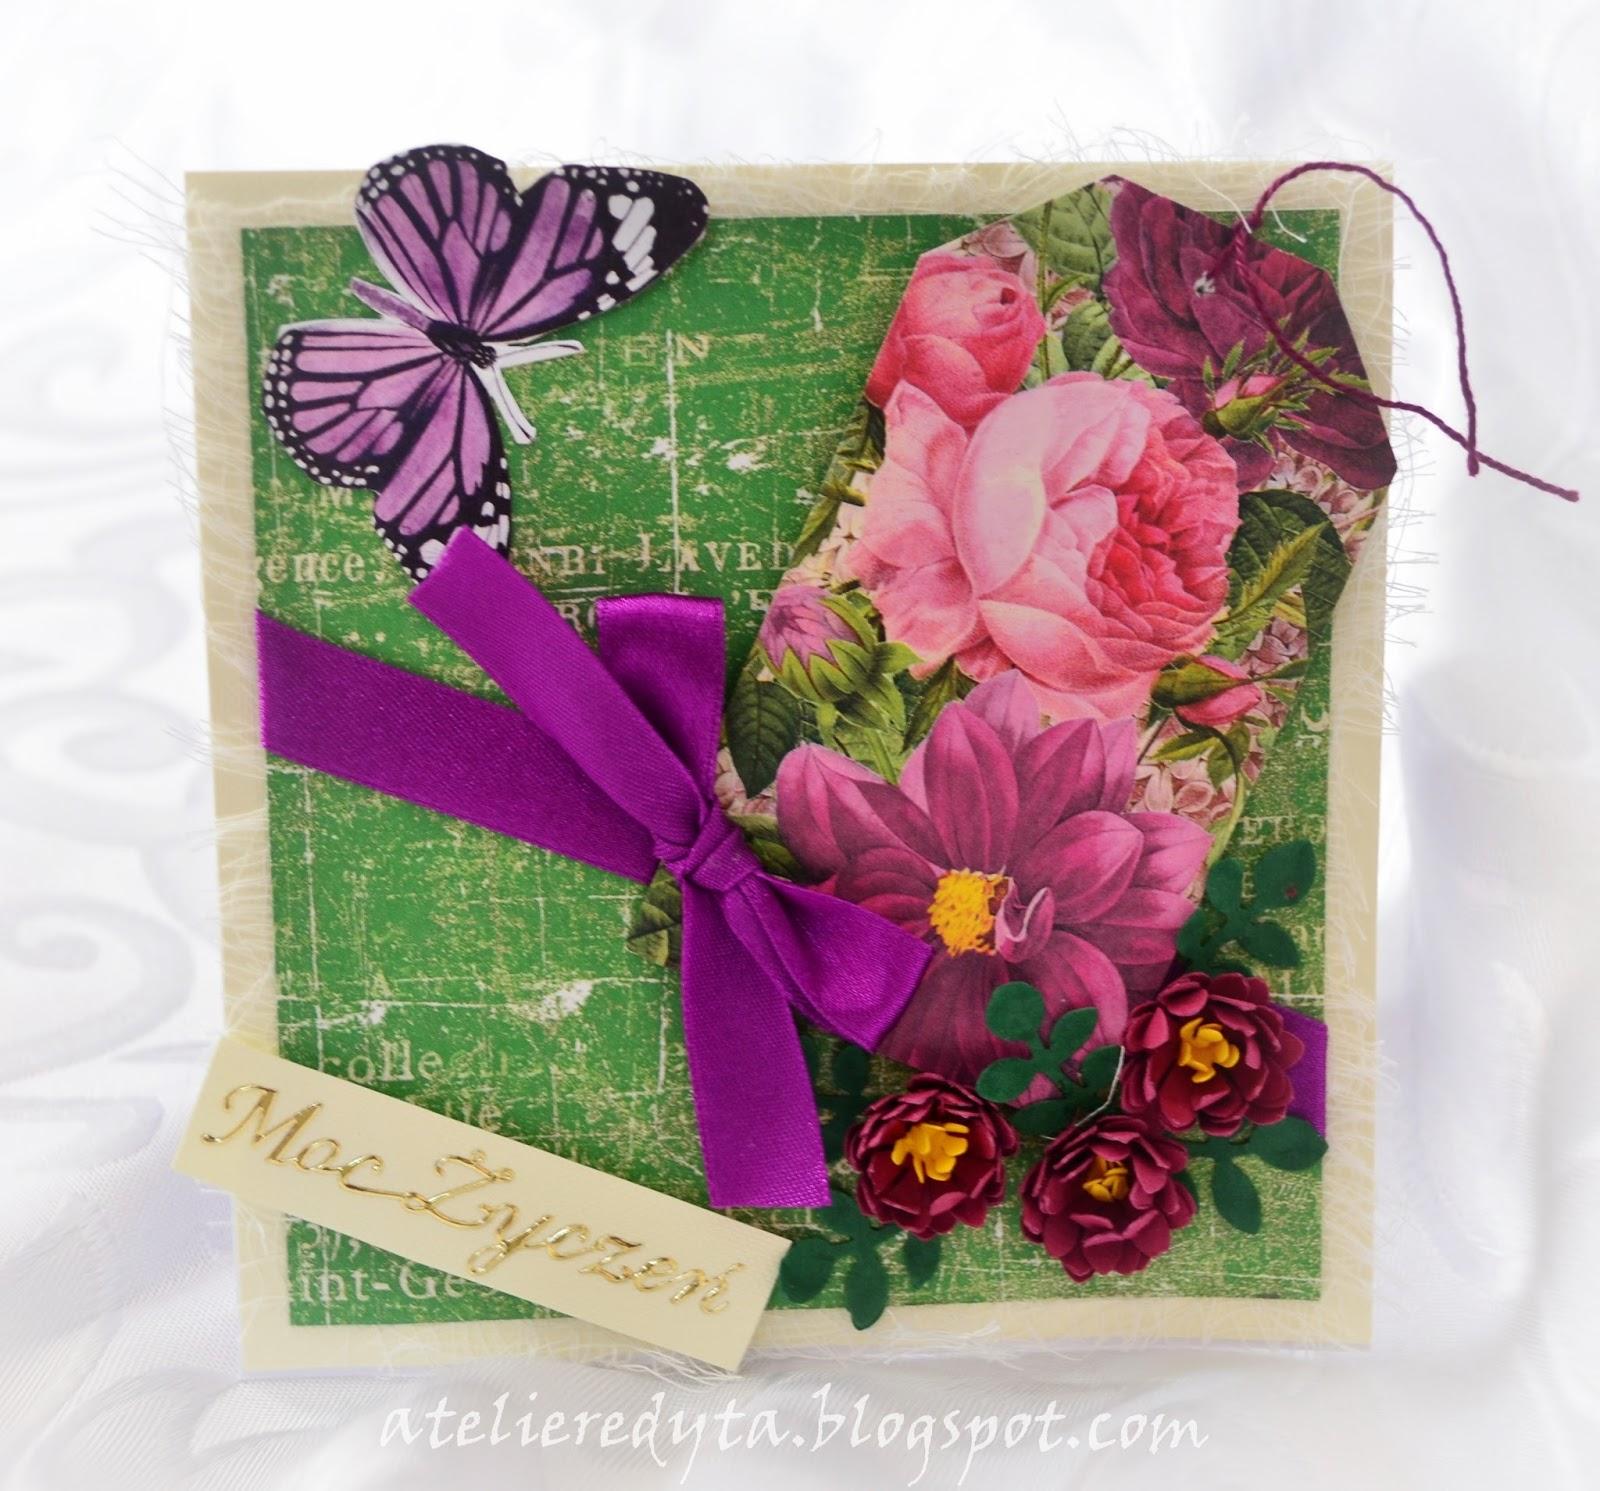 Ręcznie robiona kartka w kolorach zielono - fioletowych z kwiata